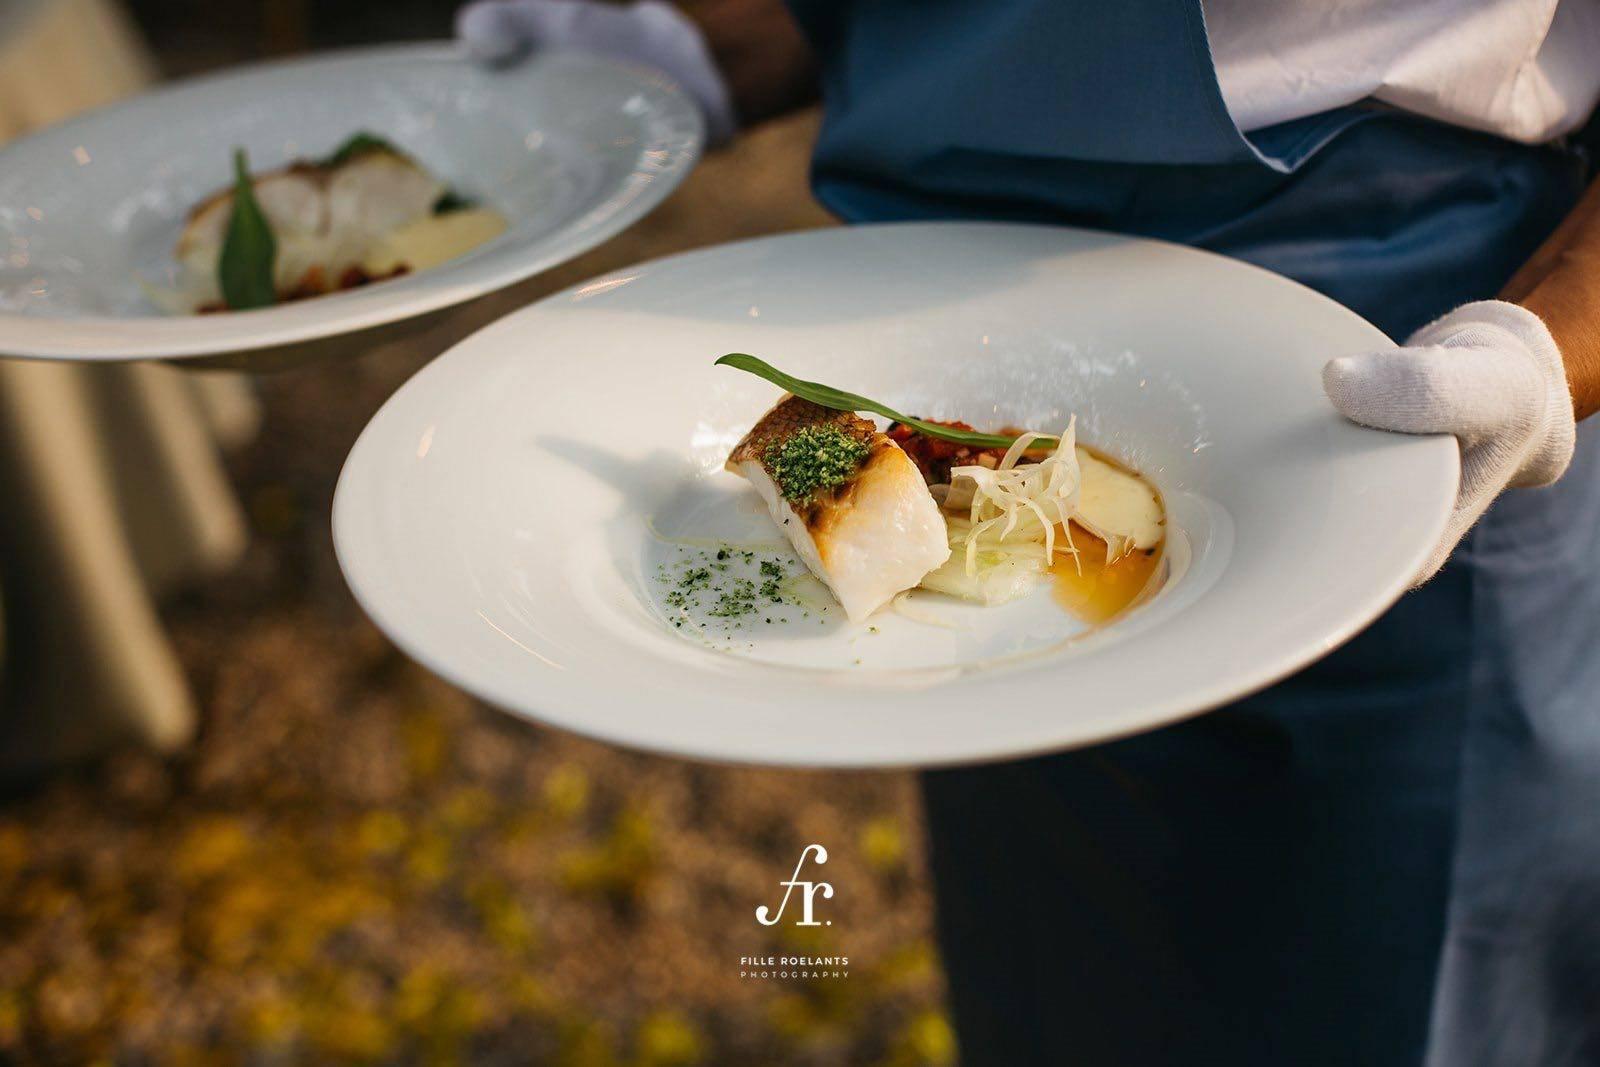 Gastronomie Nicolas - Catering - Traiteur - Trouw - Huwelijk - Bruiloft - House of Weddings - 9